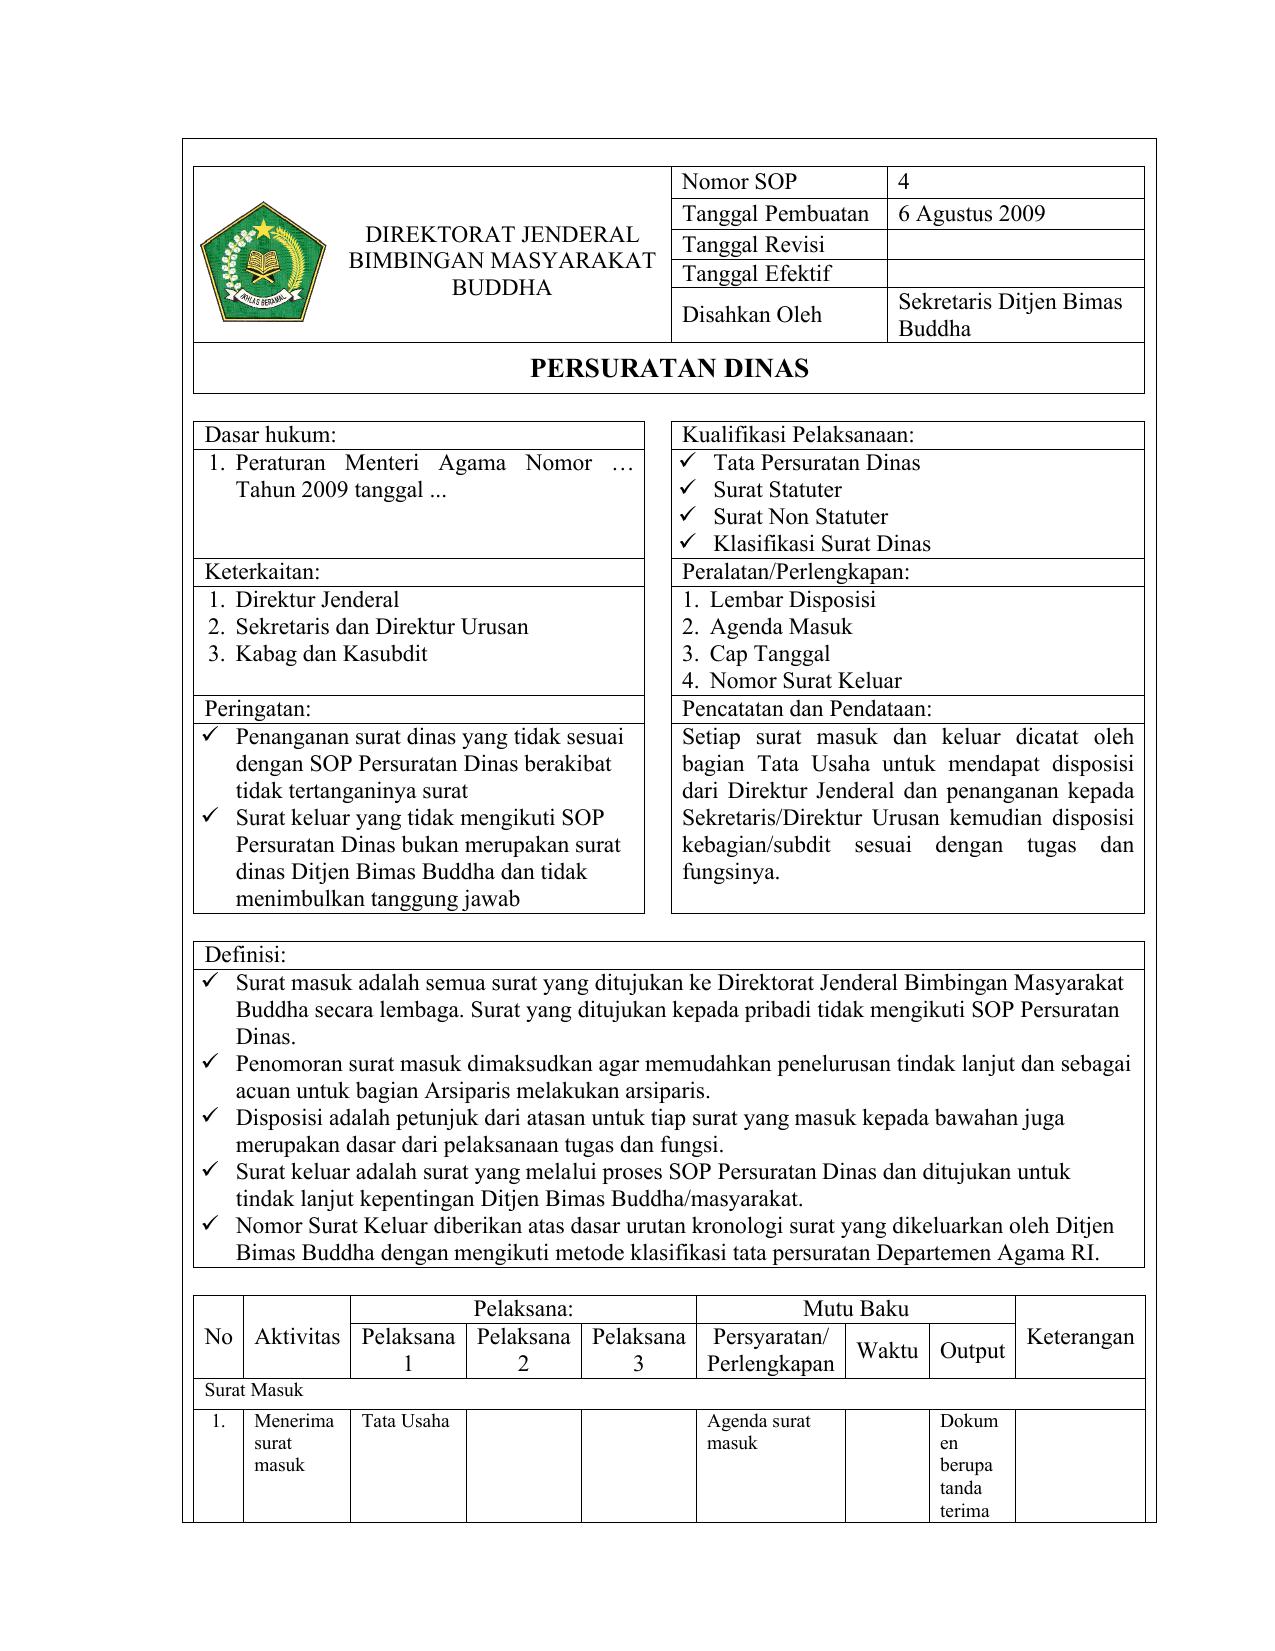 Persuratan Dinas Ditjen Bimas Buddha